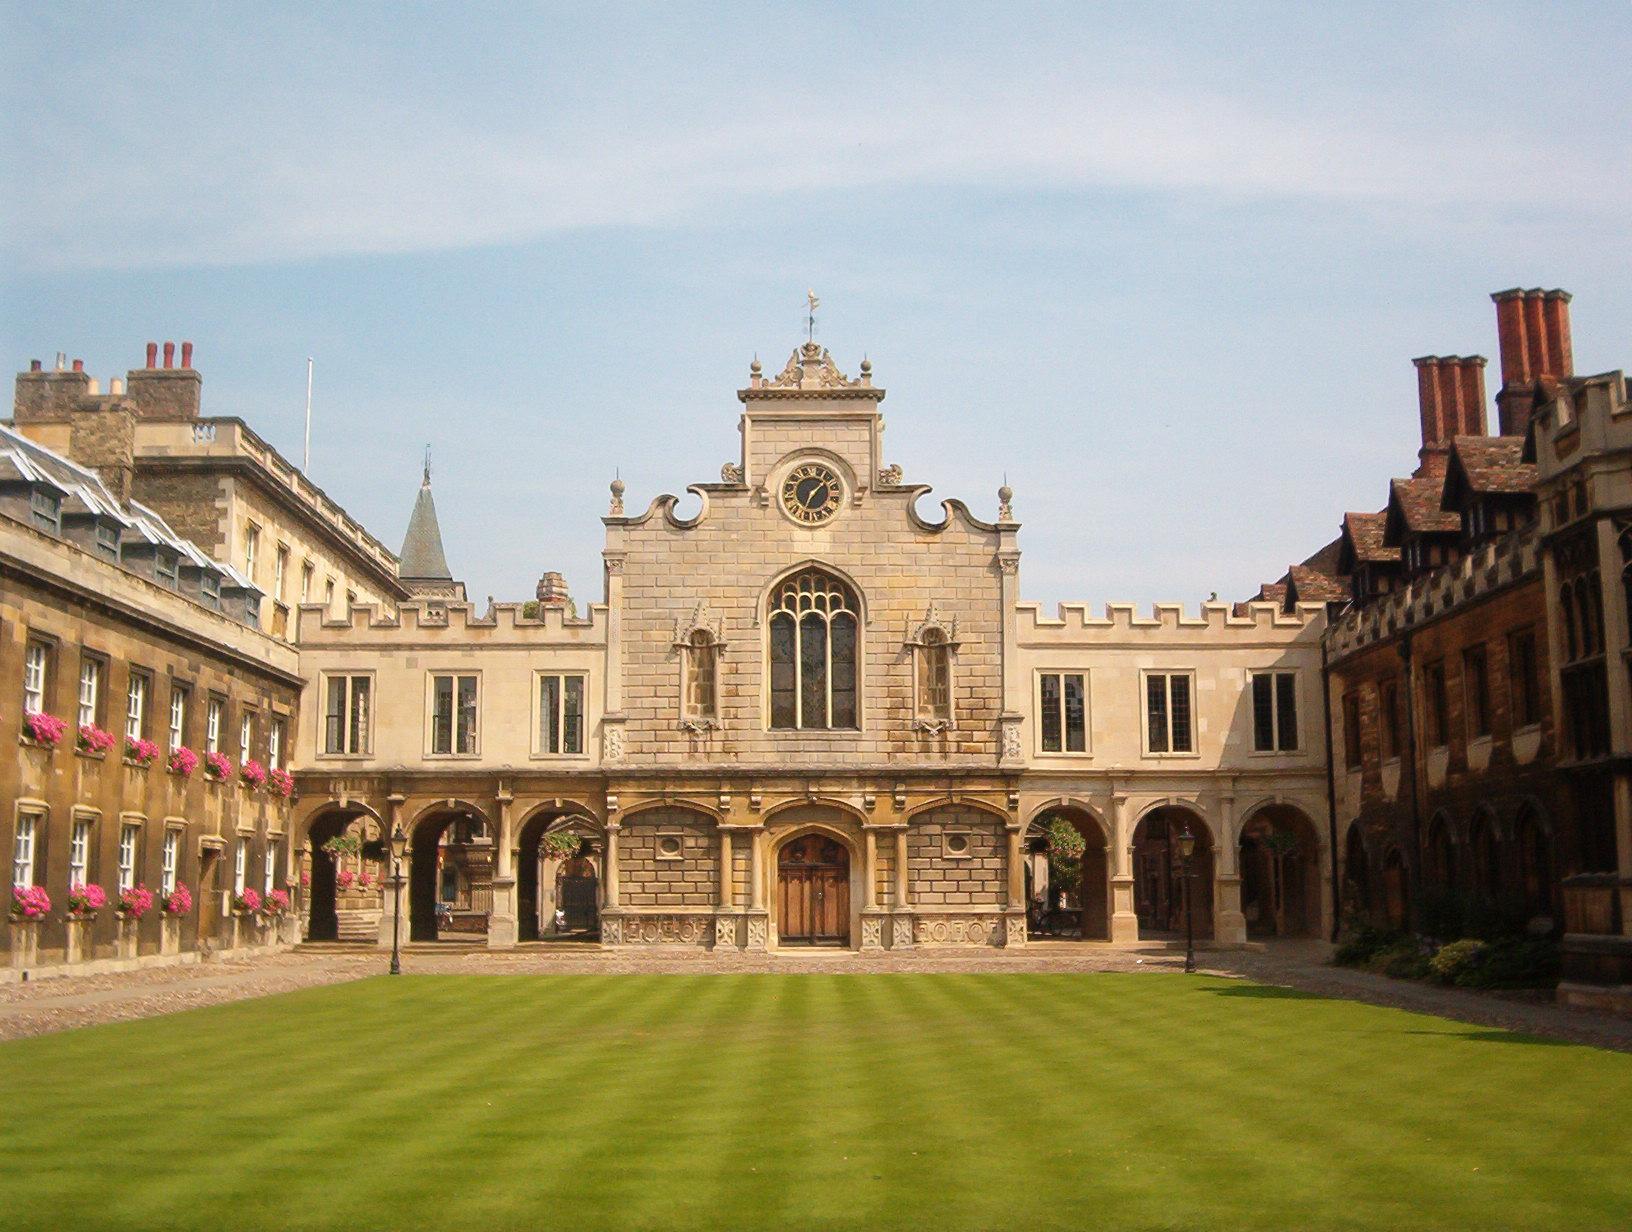 University-of-cambridge-united-kingdom